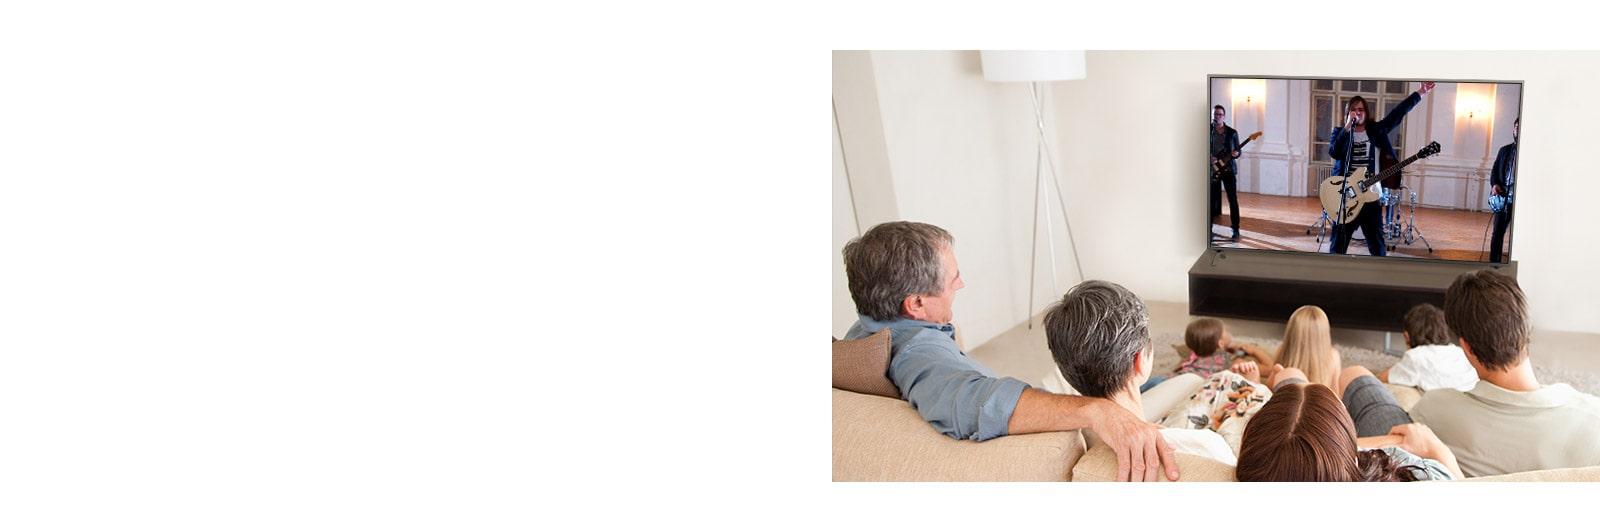 Septynių narių šeima svetainėje žiūri filmą. TV ekrane rodoma koncertuojanti grupė.